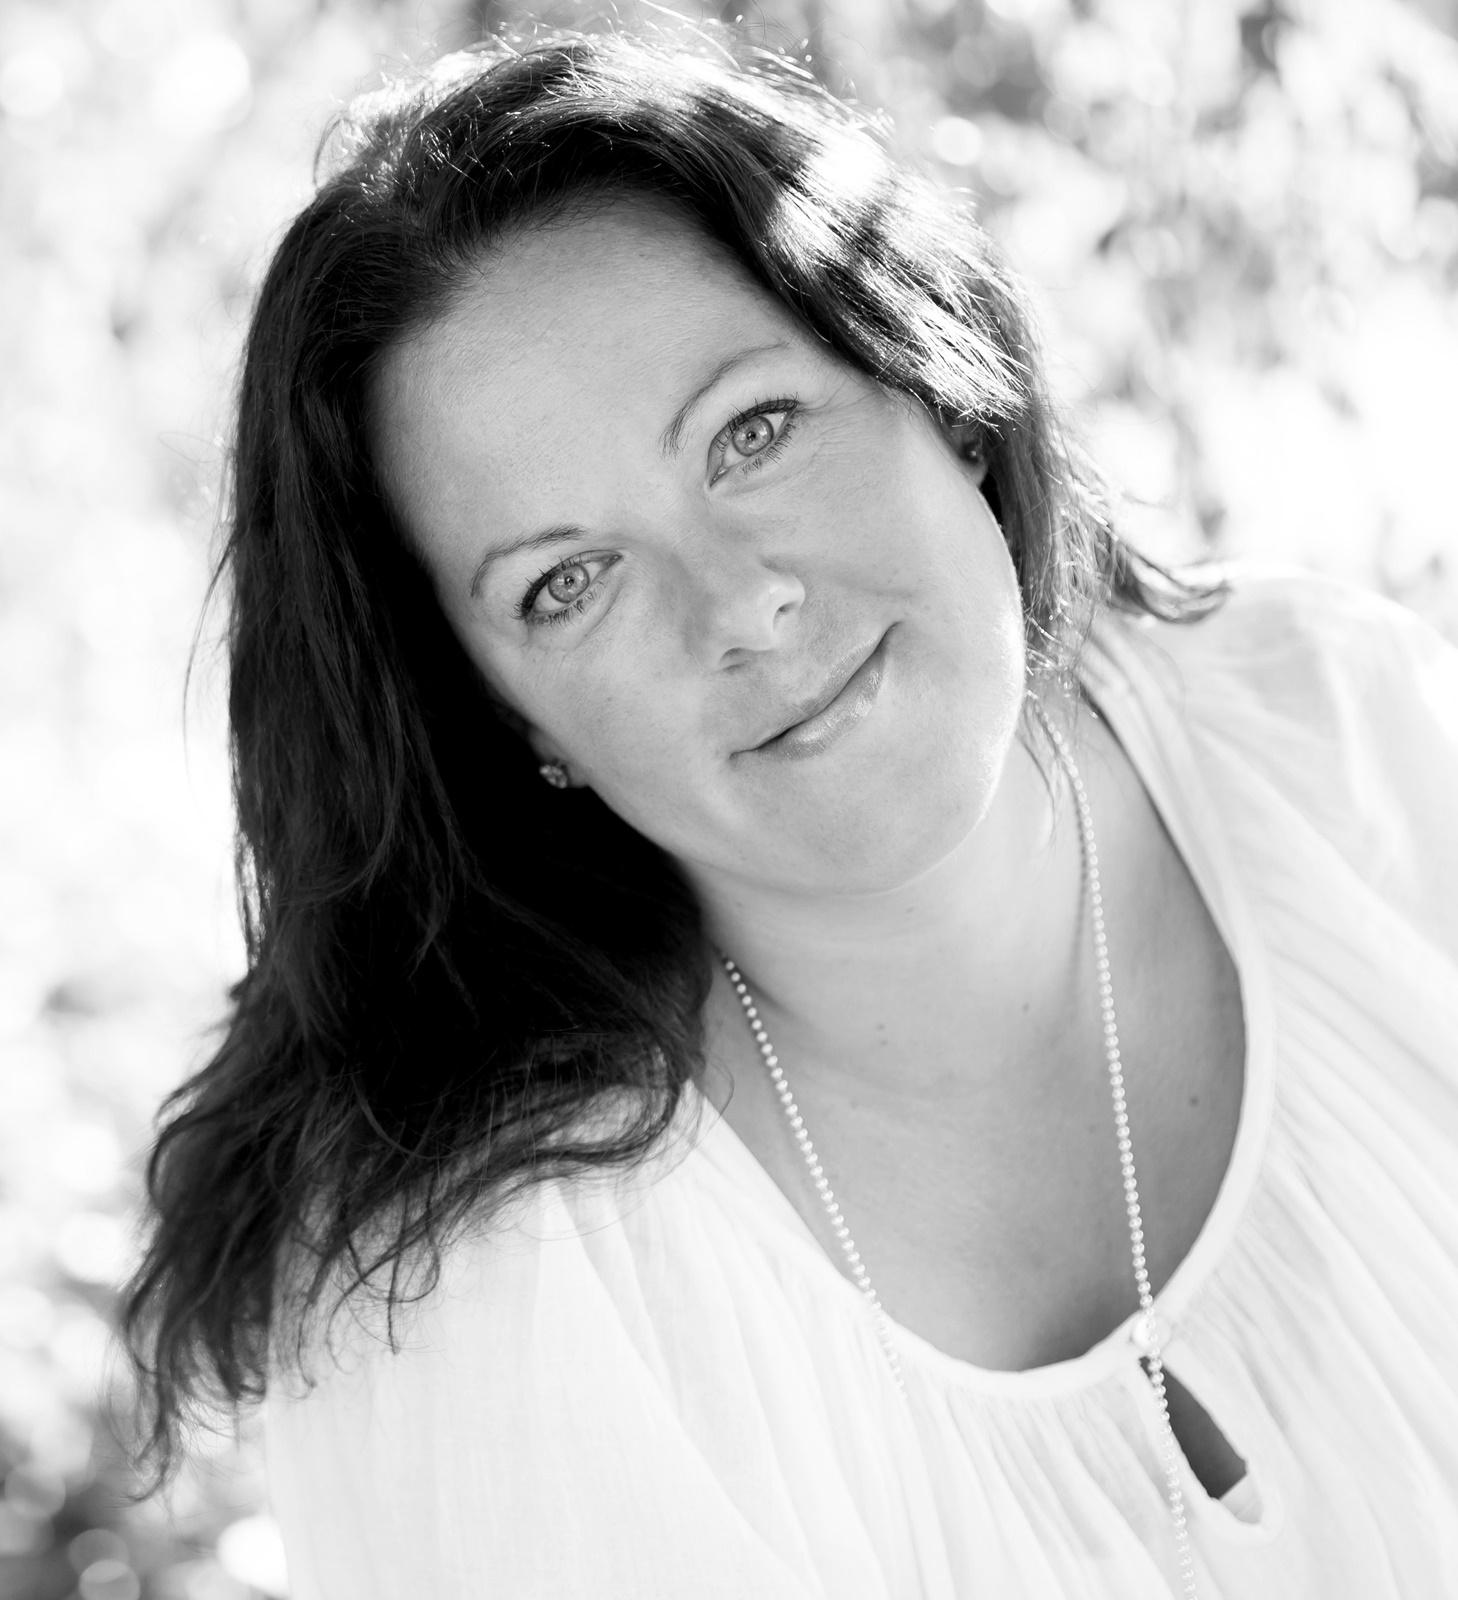 fotograf Malin Mii Belle Richardsson före detta Fröken Foto.jpg